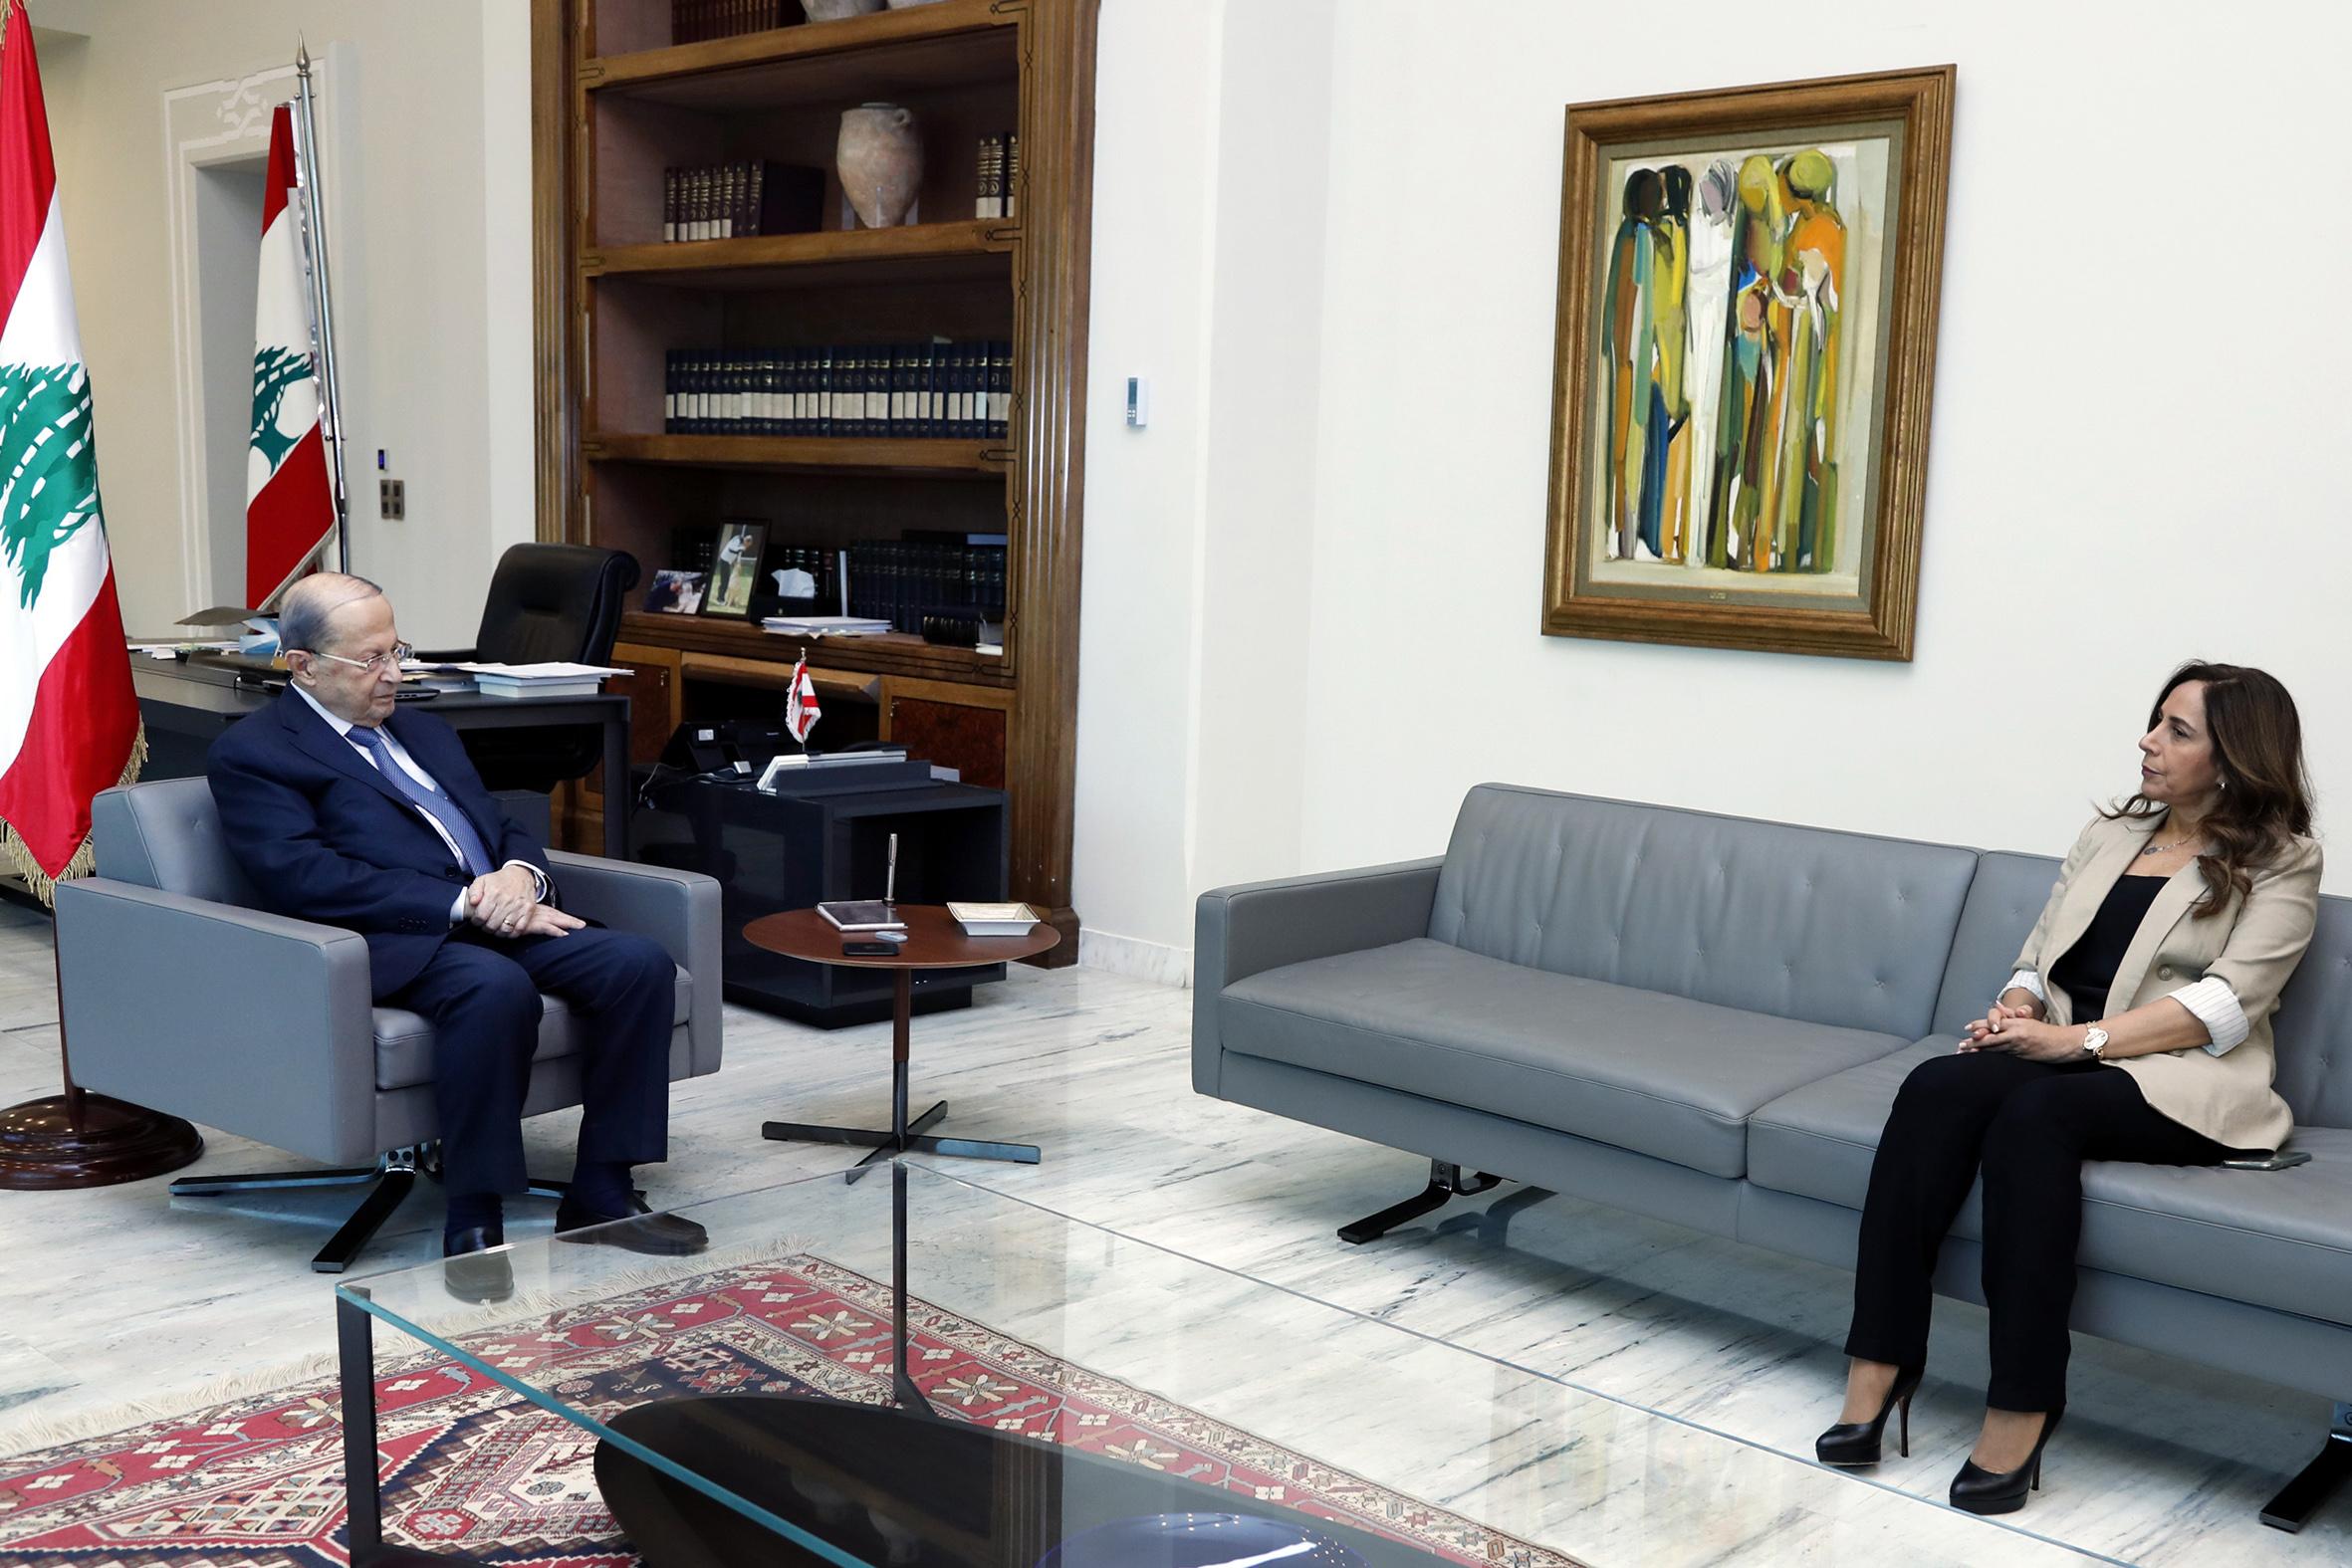 2 - Minister of Defense and Deputy Prime Minister Zeina Akar